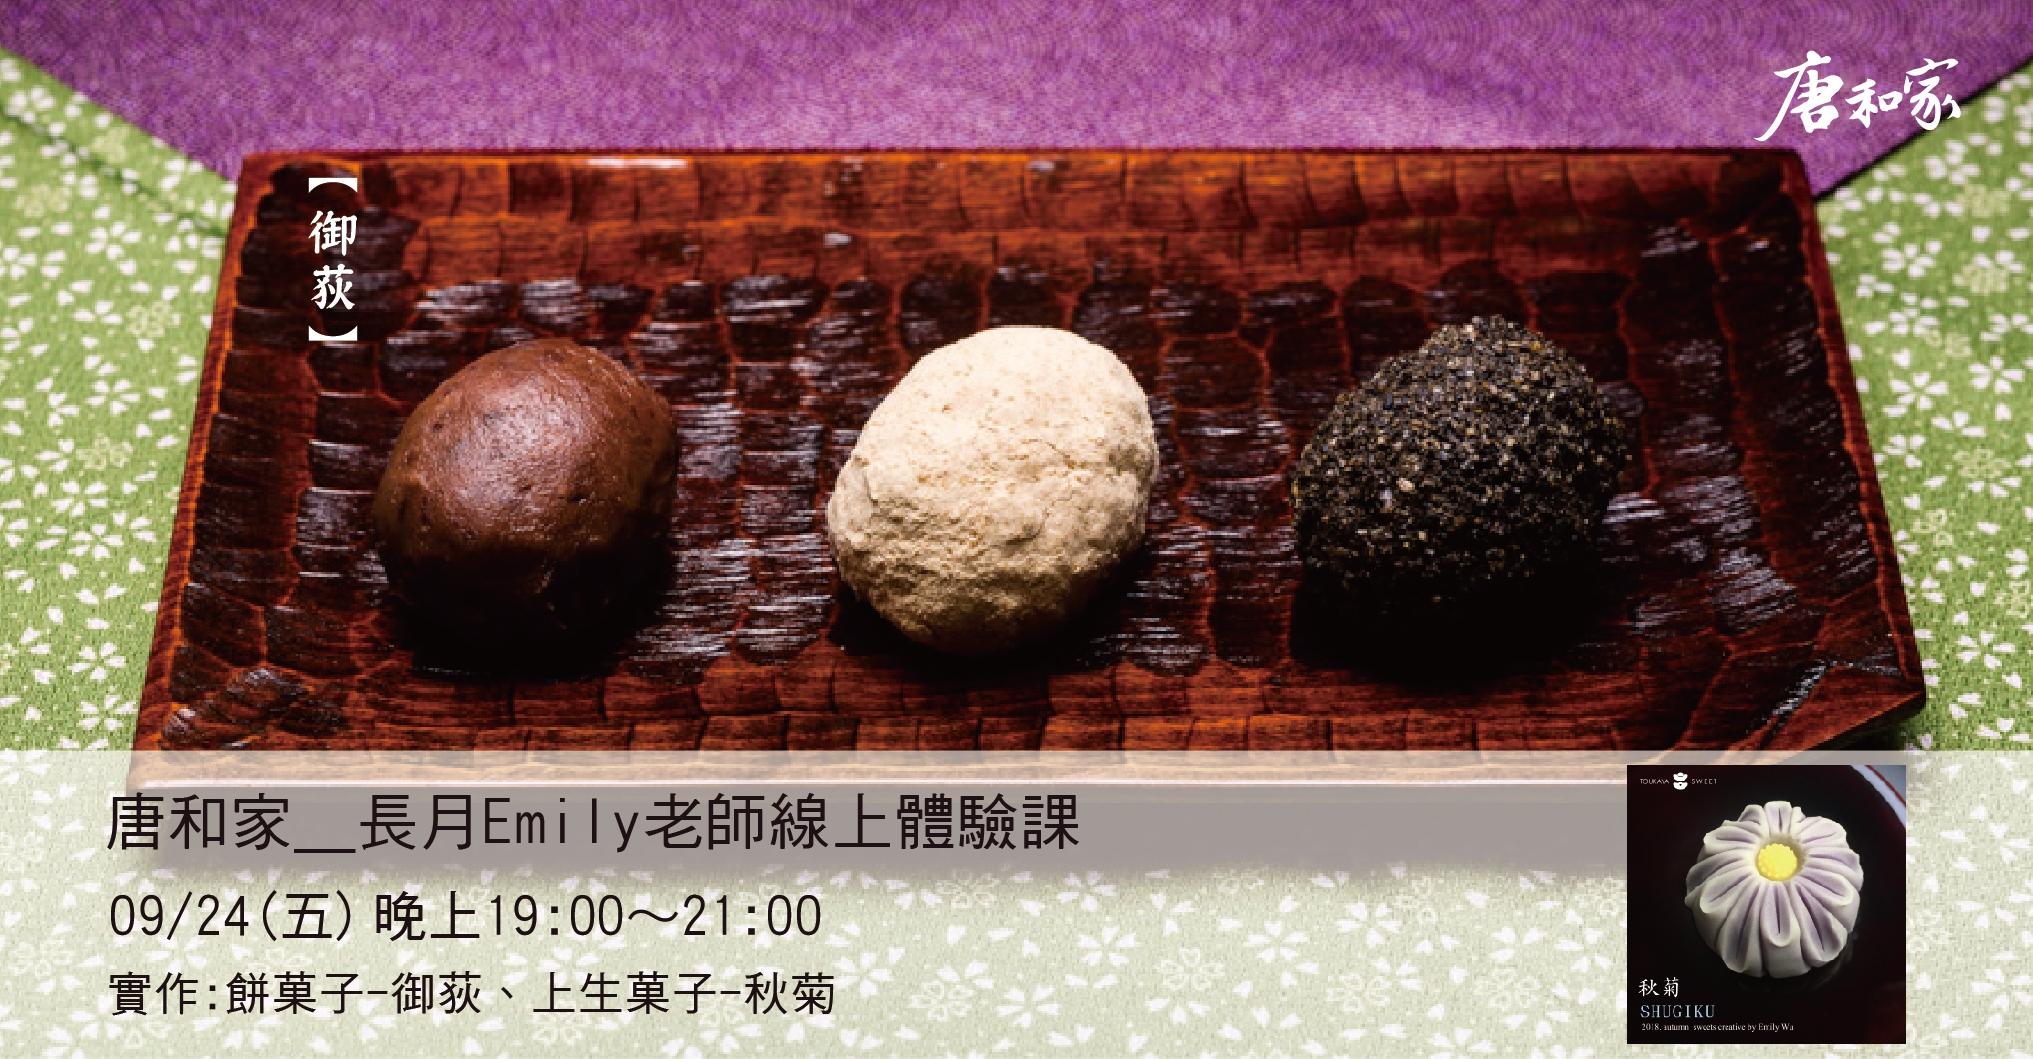 唐和家_長月Emily老師線上體驗課 @ 唐和家工作室 | 新北市 | 台湾